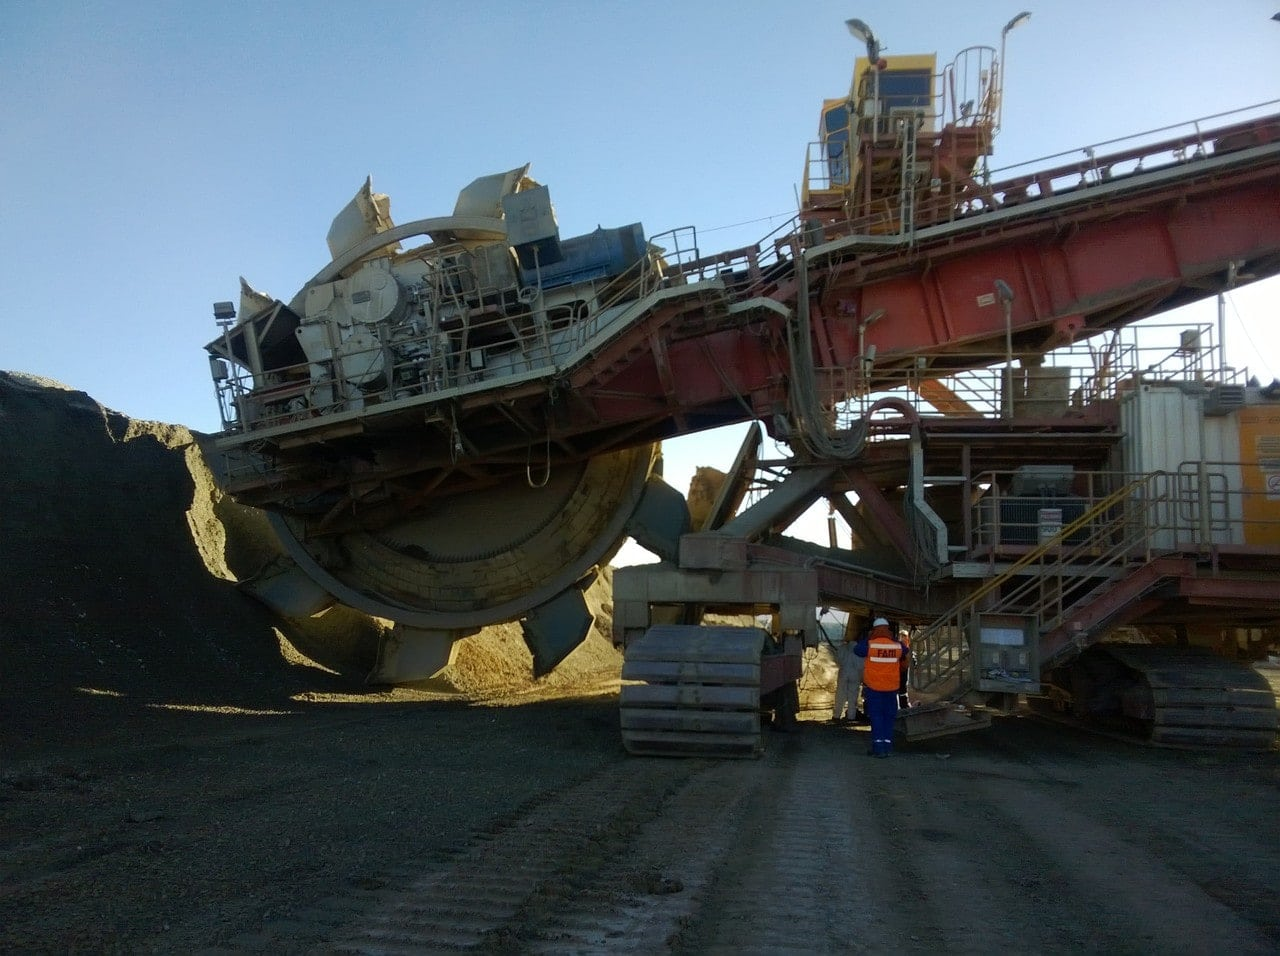 Image of the Codelco copper mine